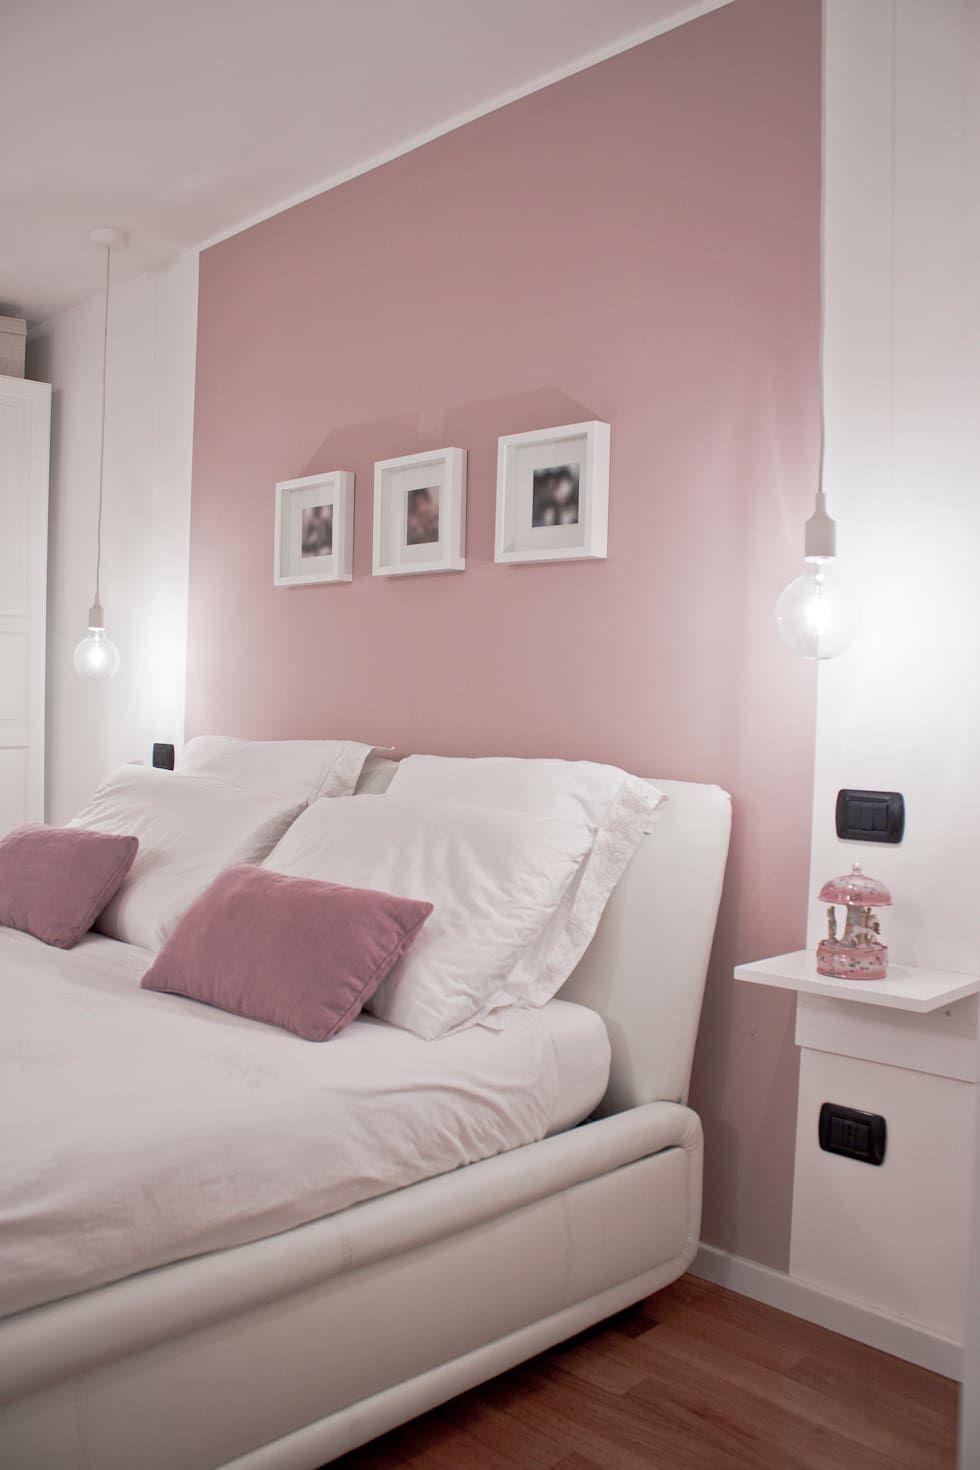 40 camere da letto arredate dai nostri migliori architetti for Camere arredate